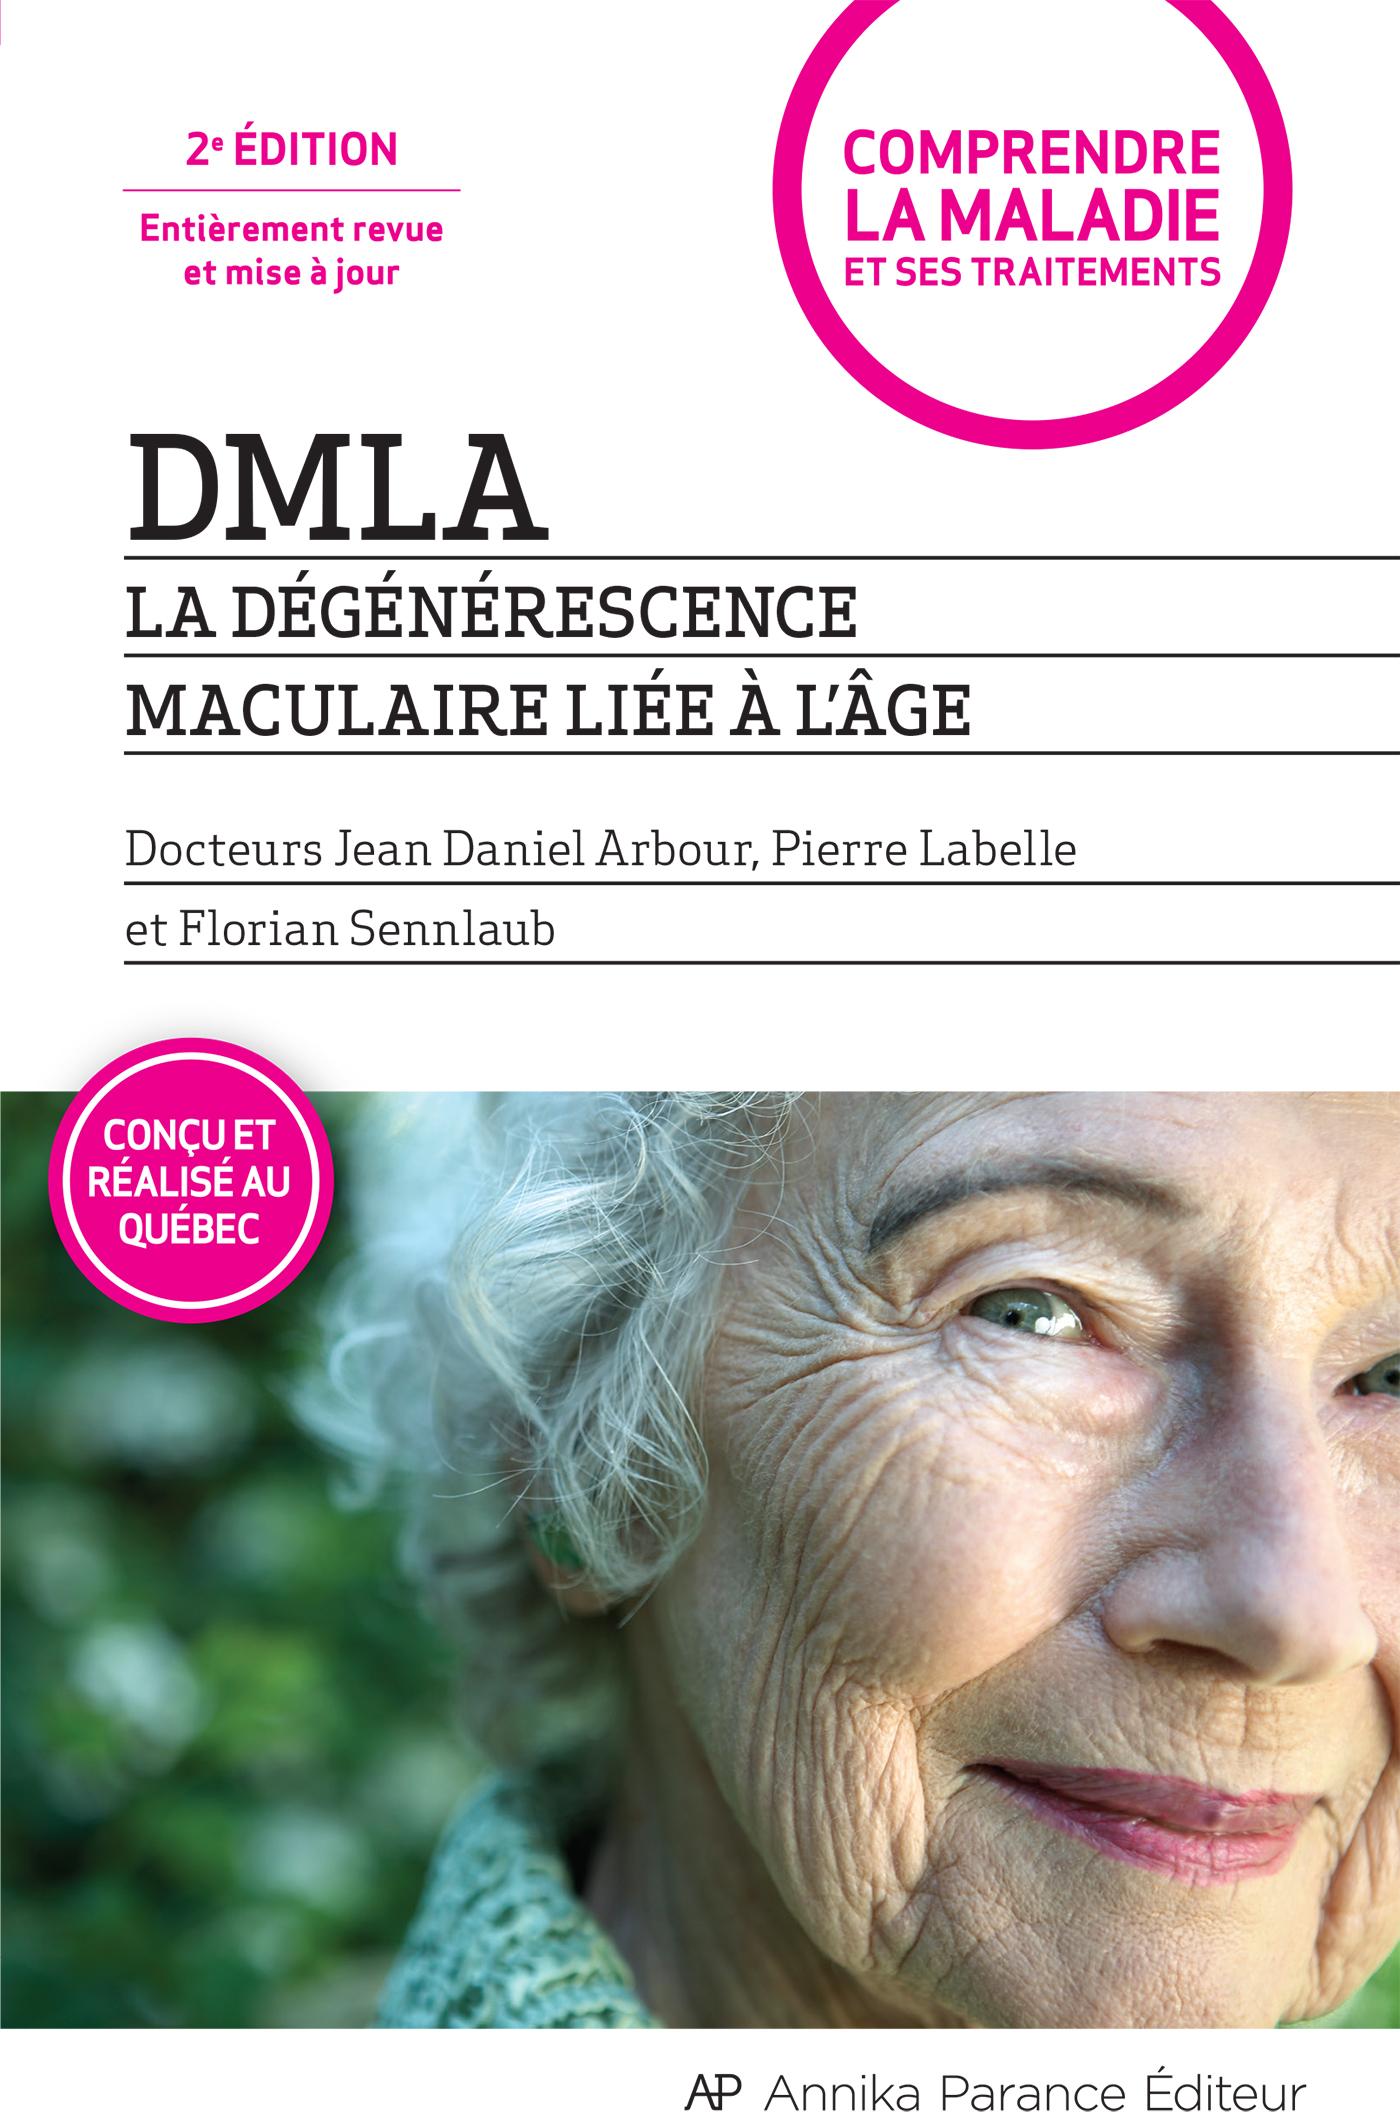 DMLA - La dégénérescence maculaire liée à l'âge